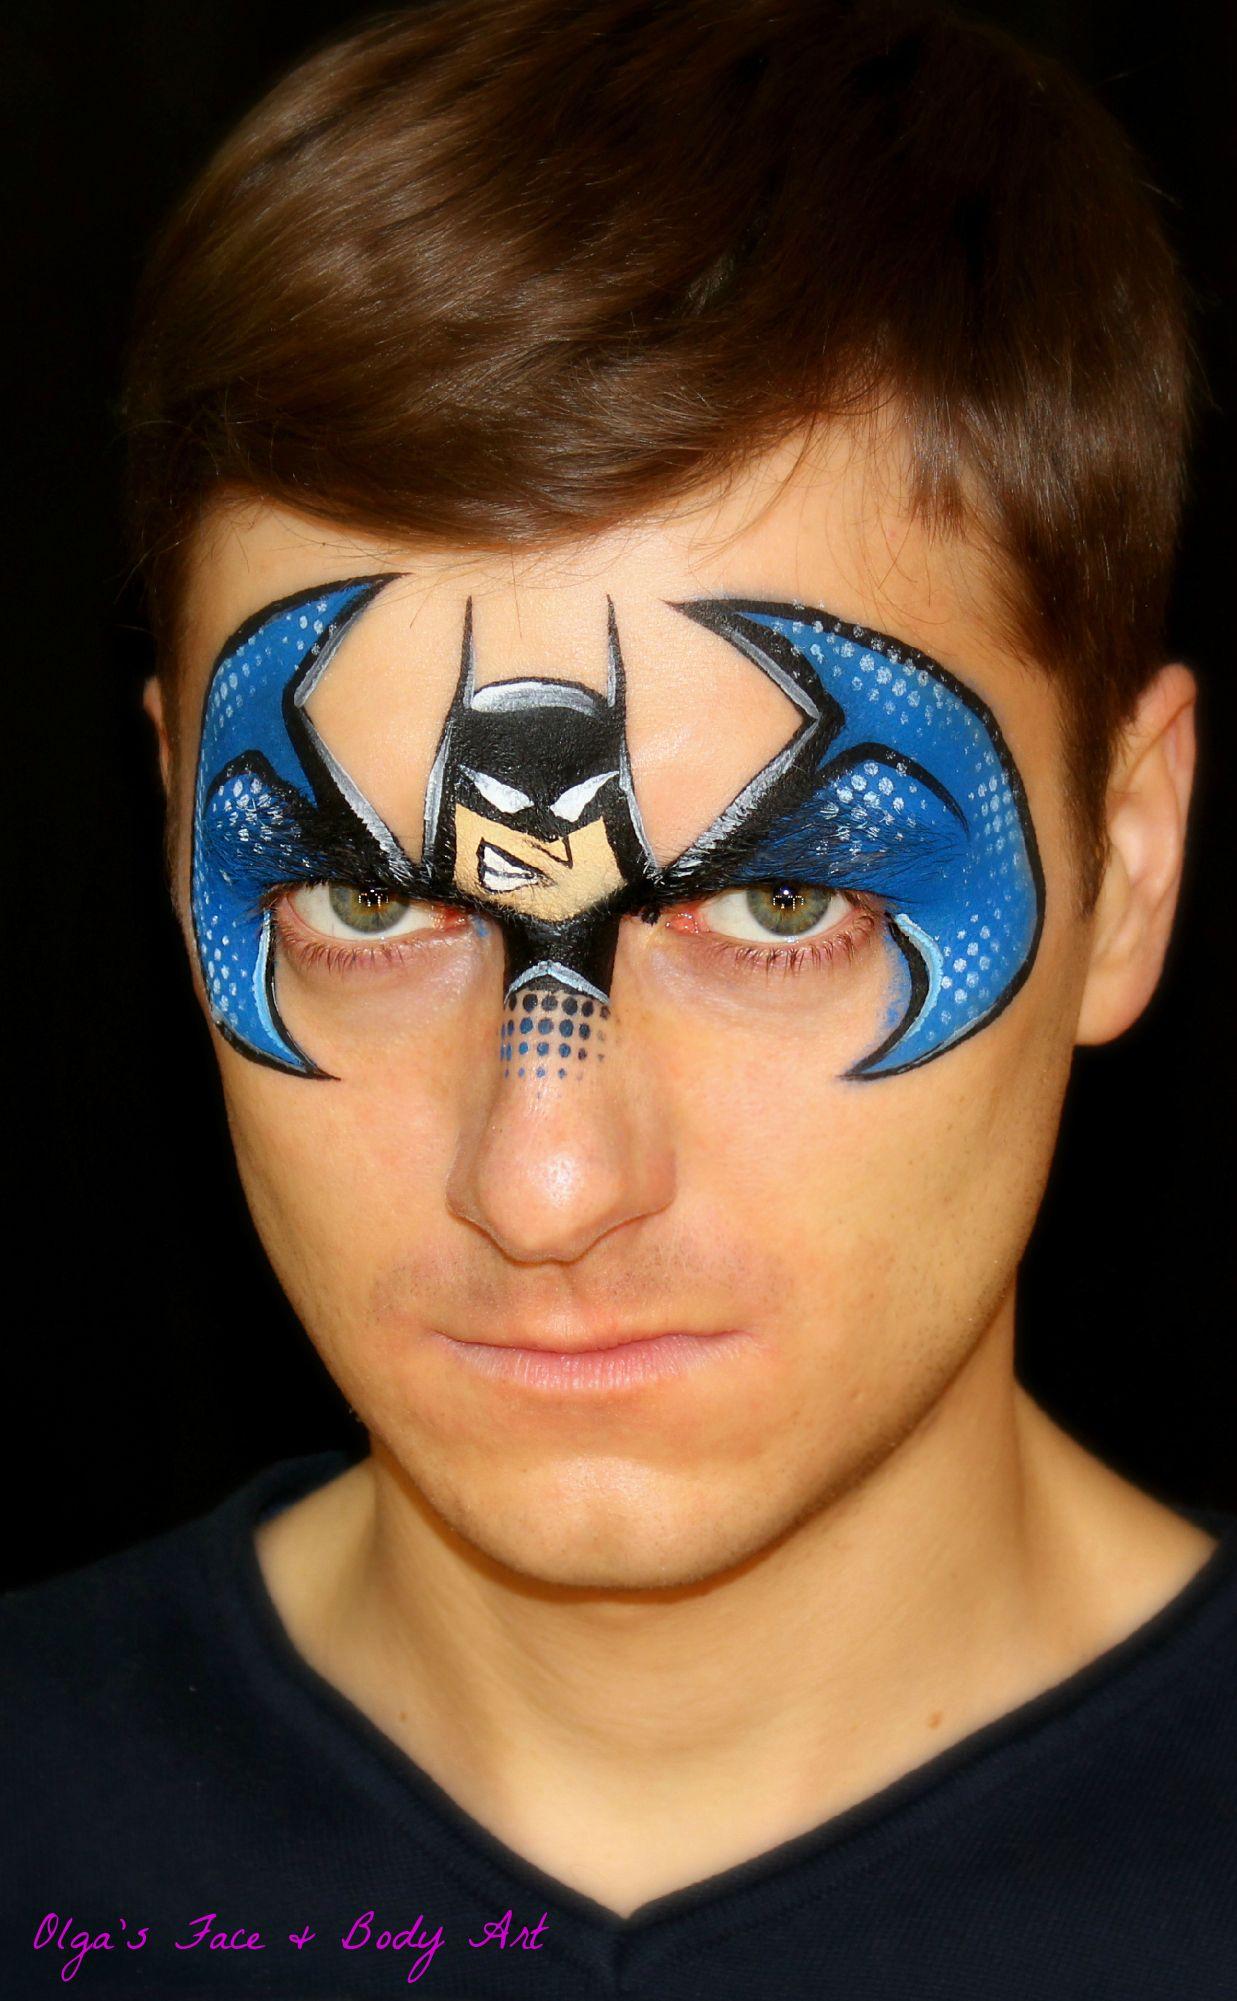 Batman face painting design Maquillage De Déguisement, Maquillage  Artistique, Maquillage Halloween, Peinture Visage